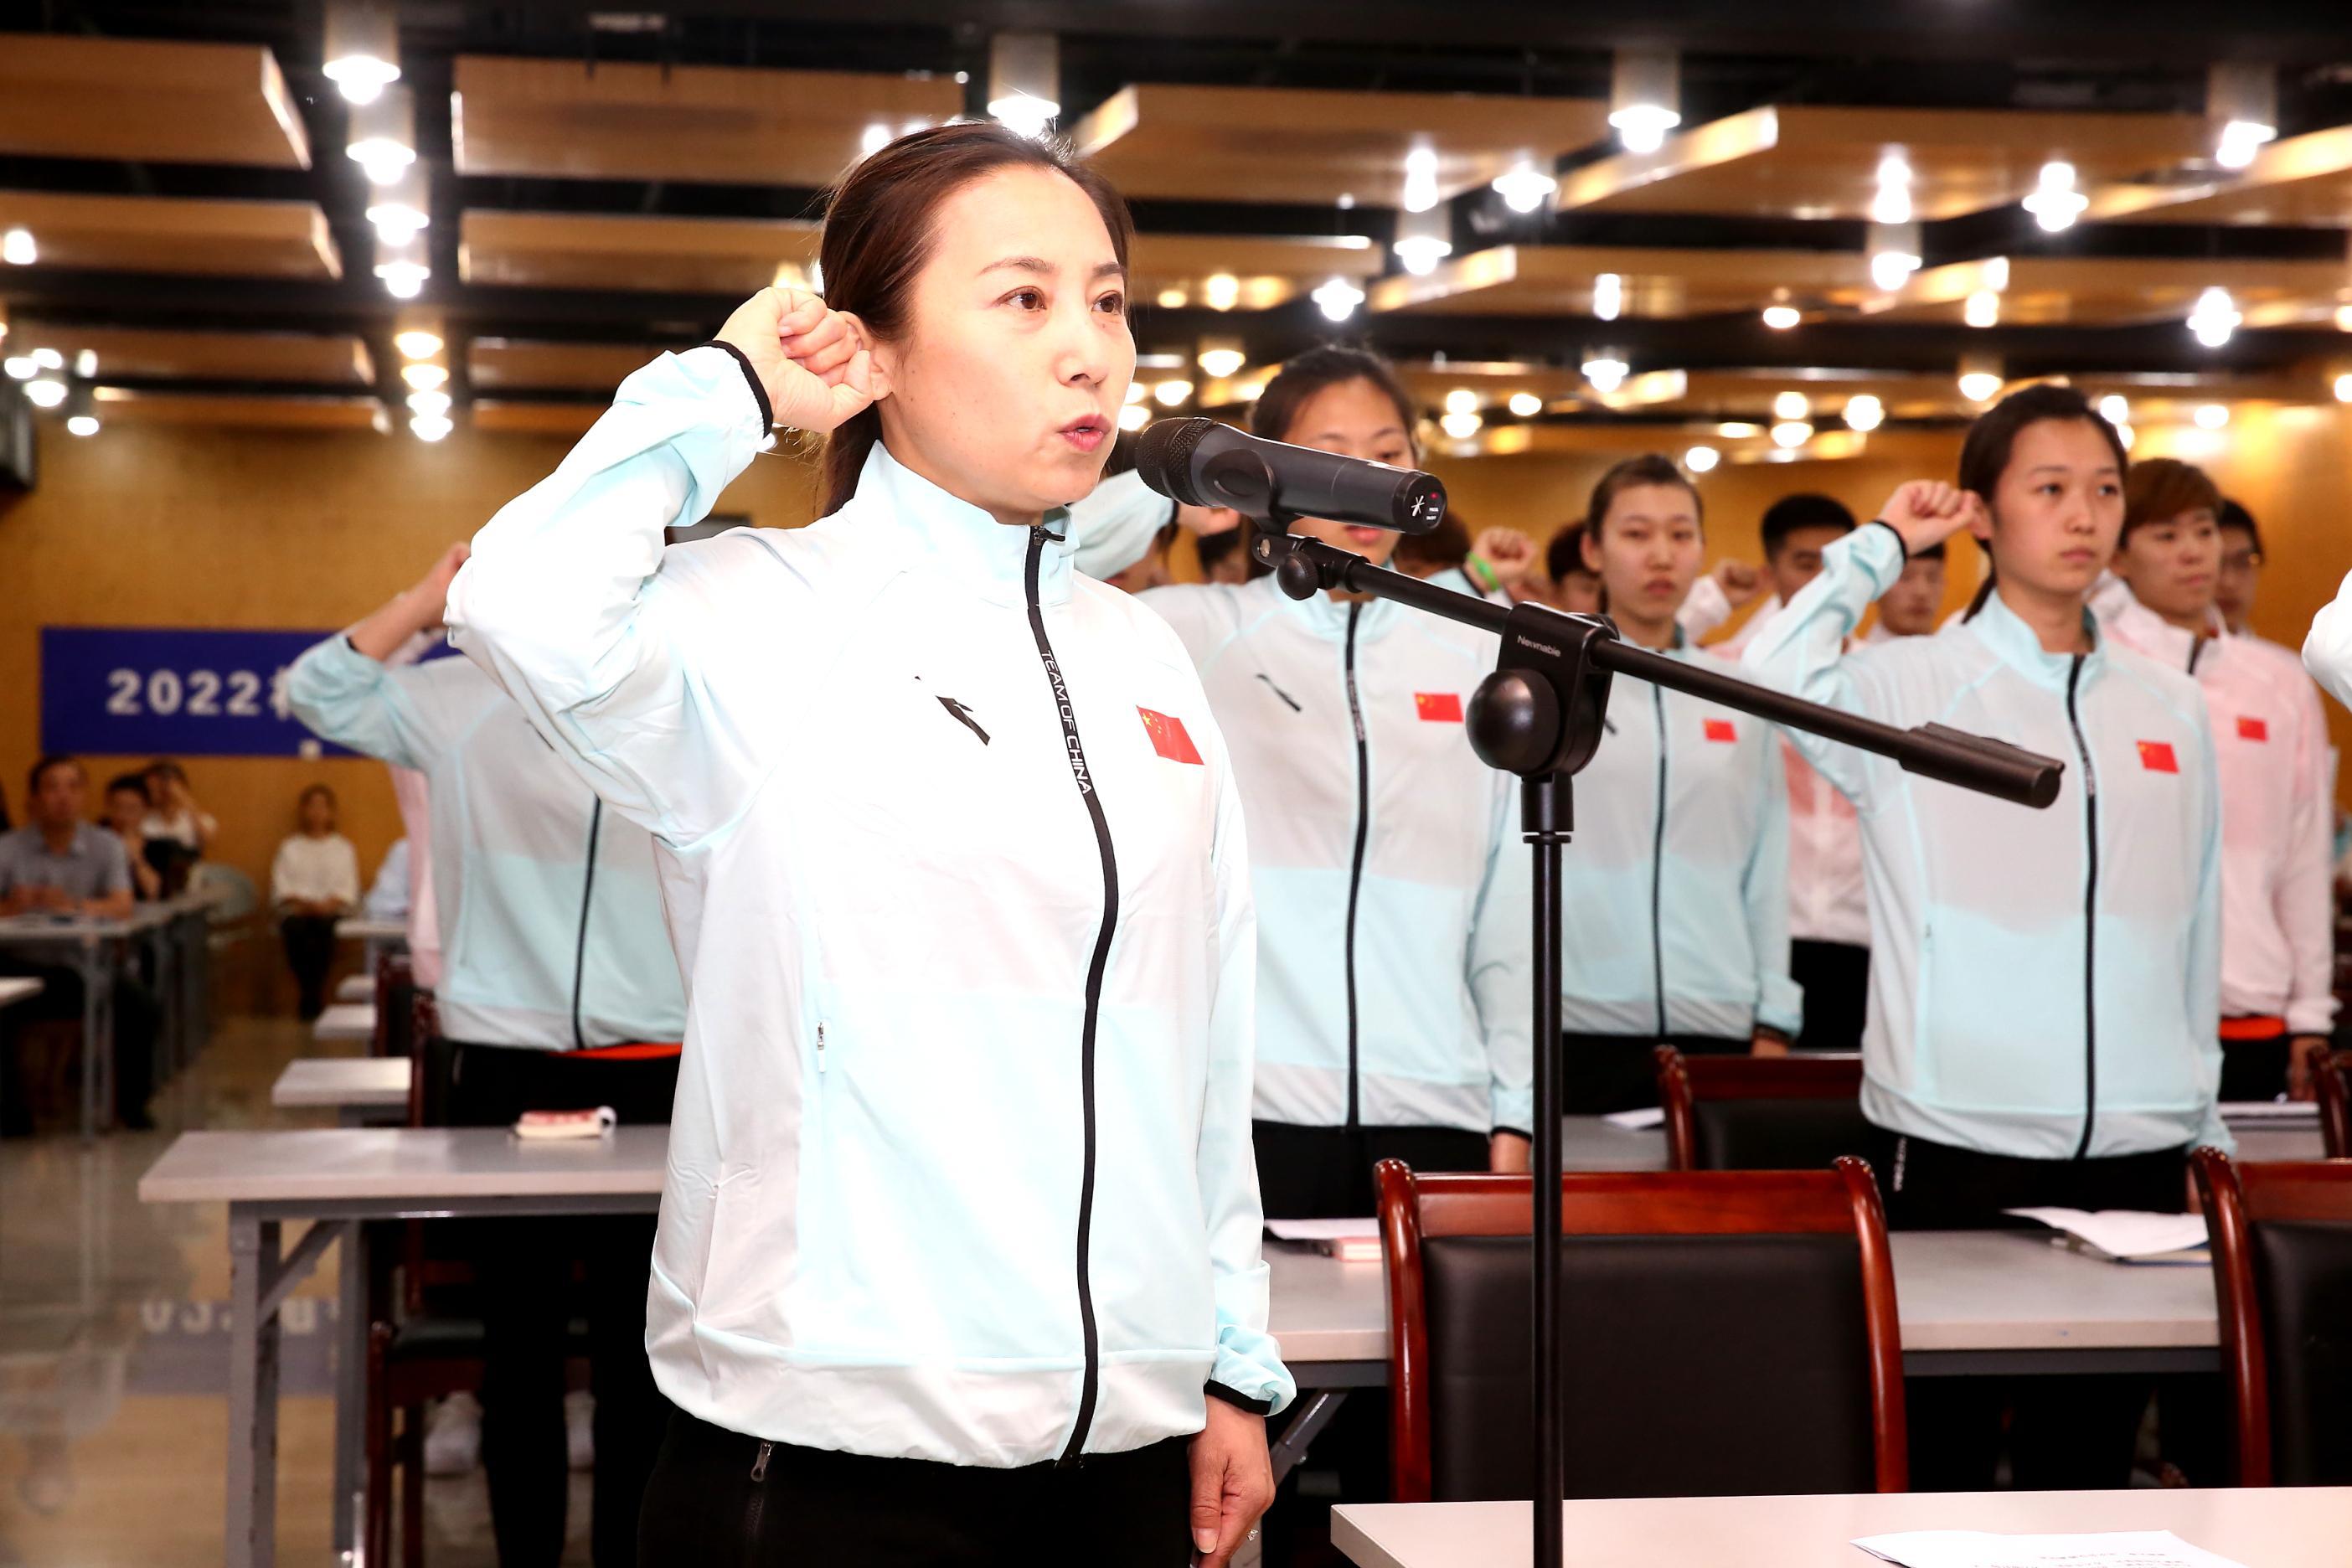 短道国家队开展教育活动 李琰带领队员庄严宣誓